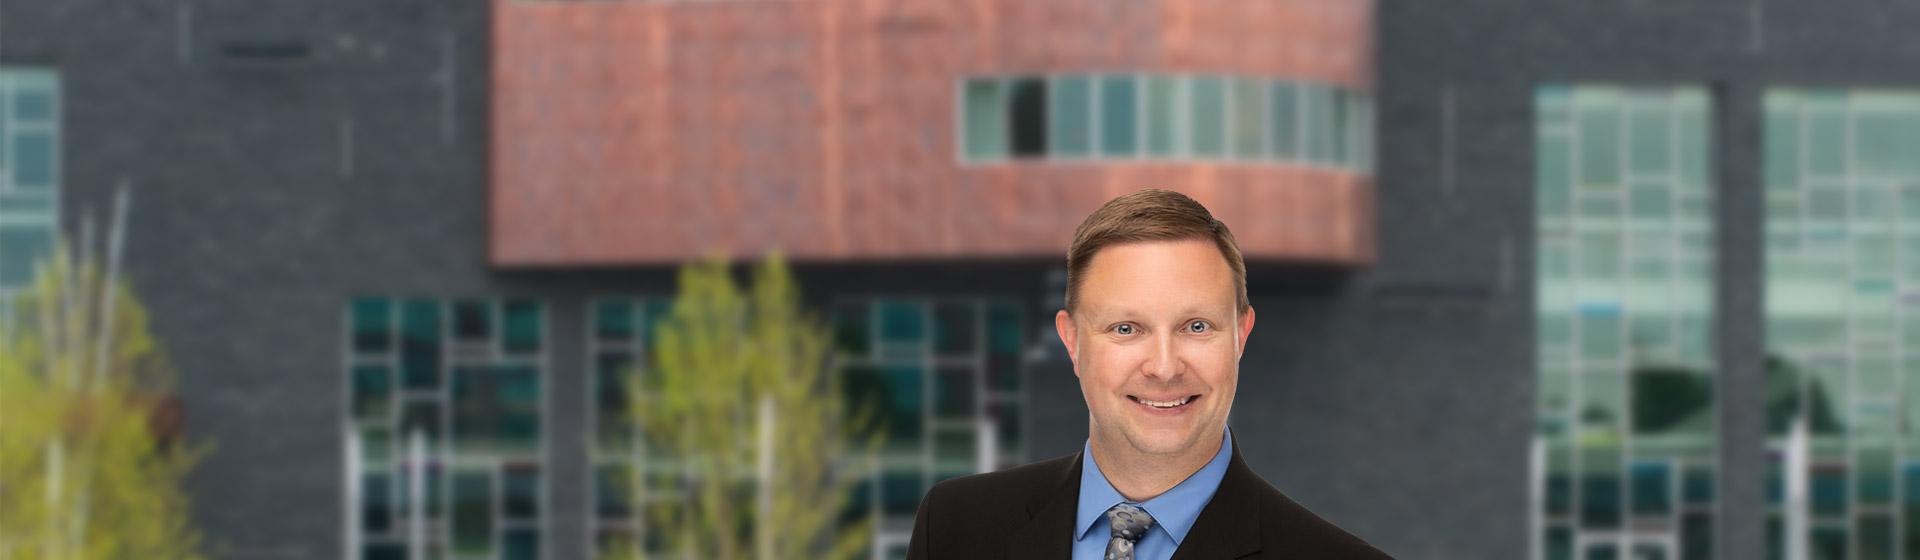 Banner photo of Derek L. Prestin